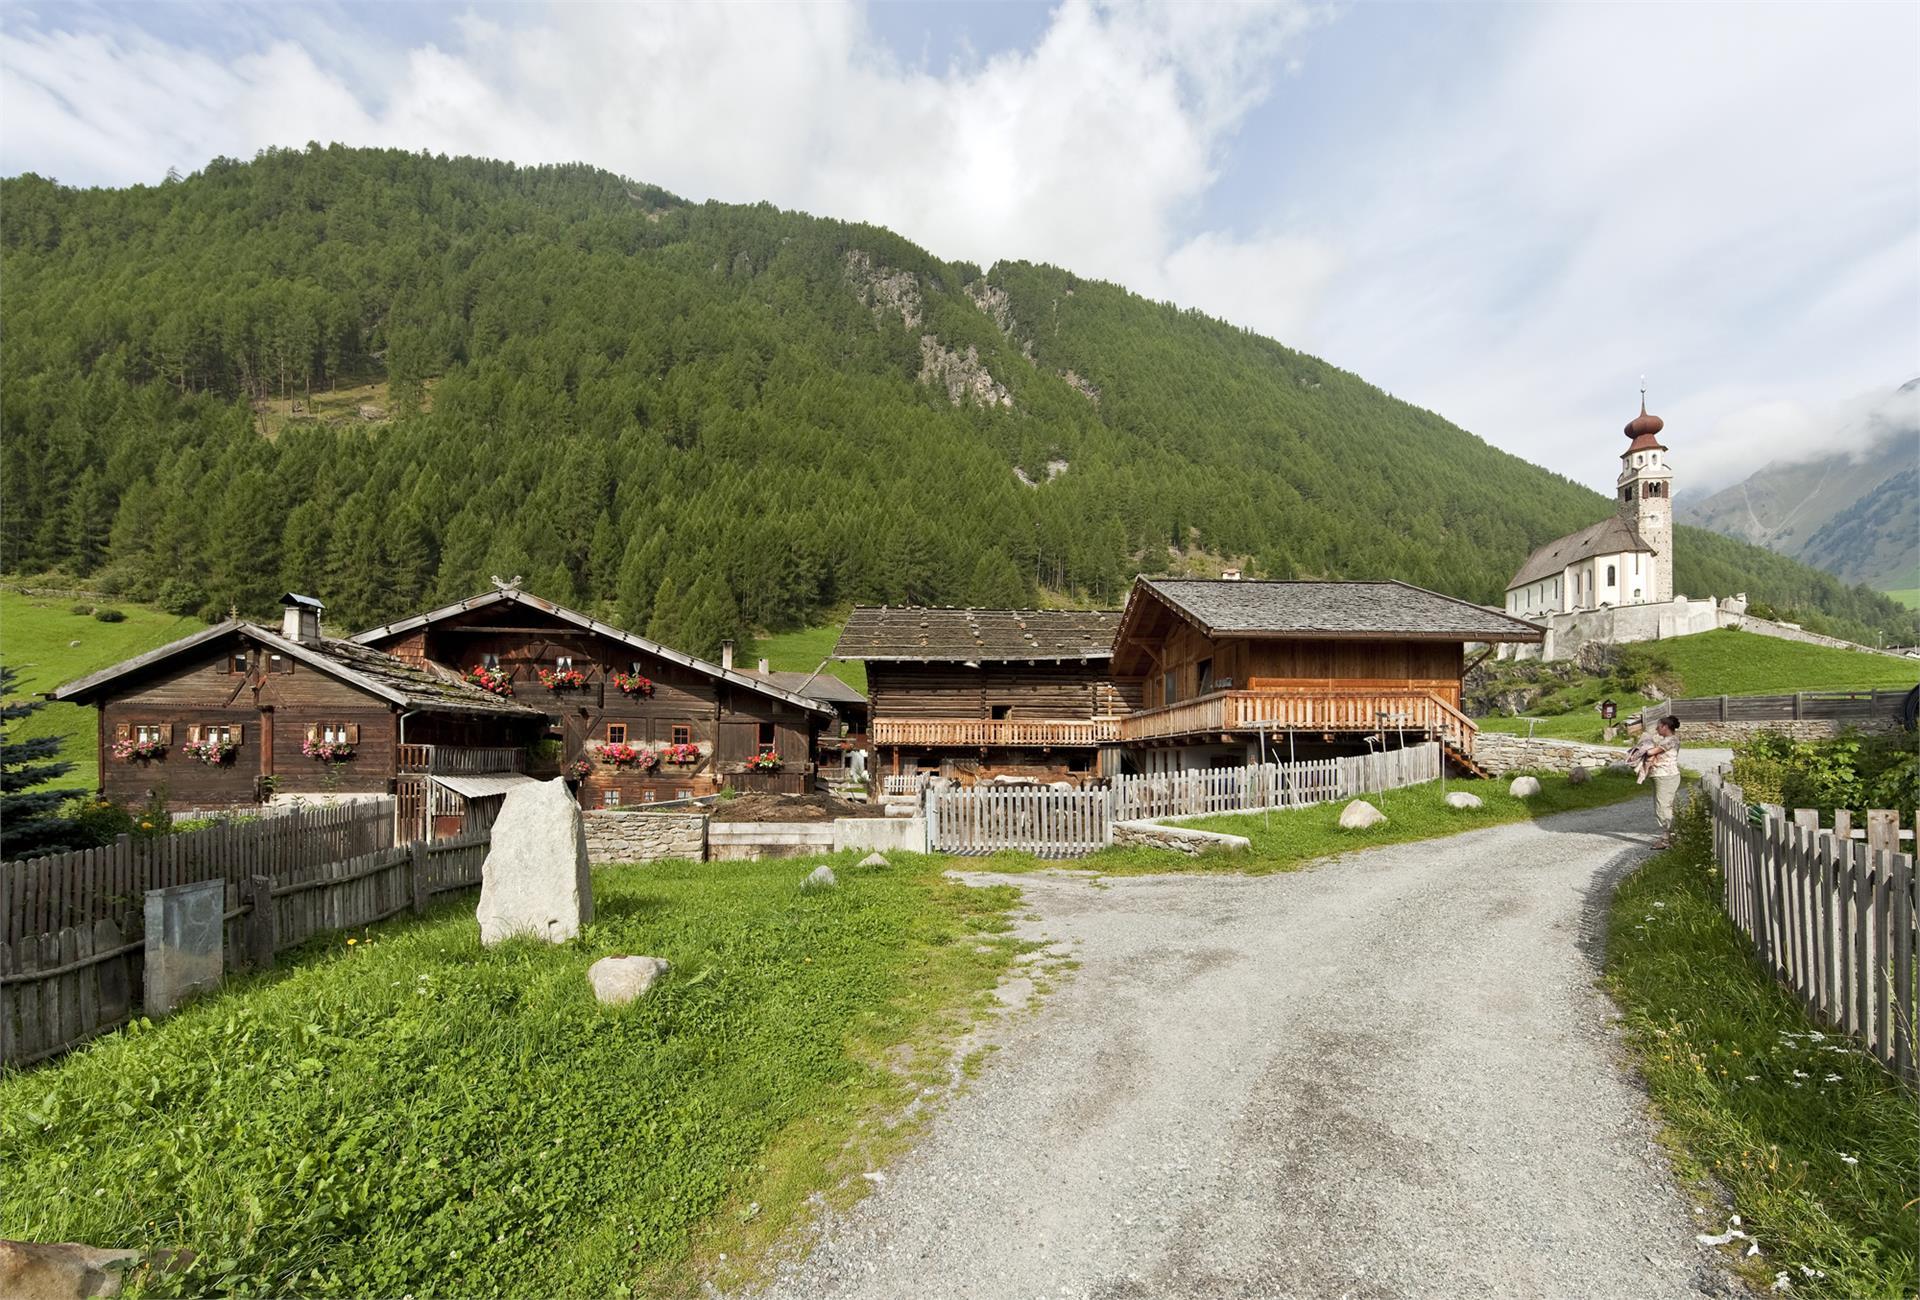 Oberniederhof historical and organic farm